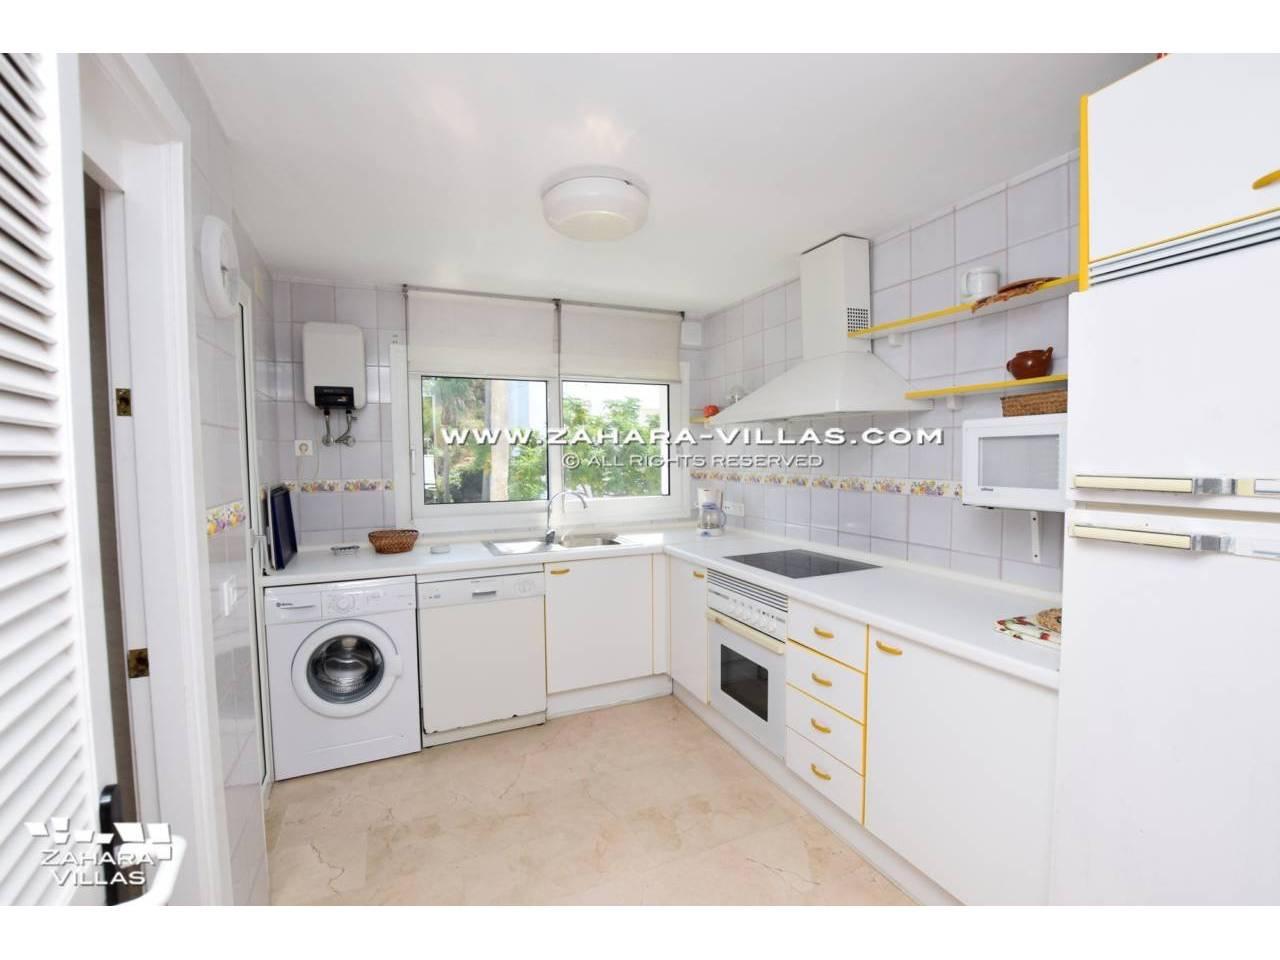 Imagen 9 de Duplex zu verkaufen in Urb. Costa Zahara